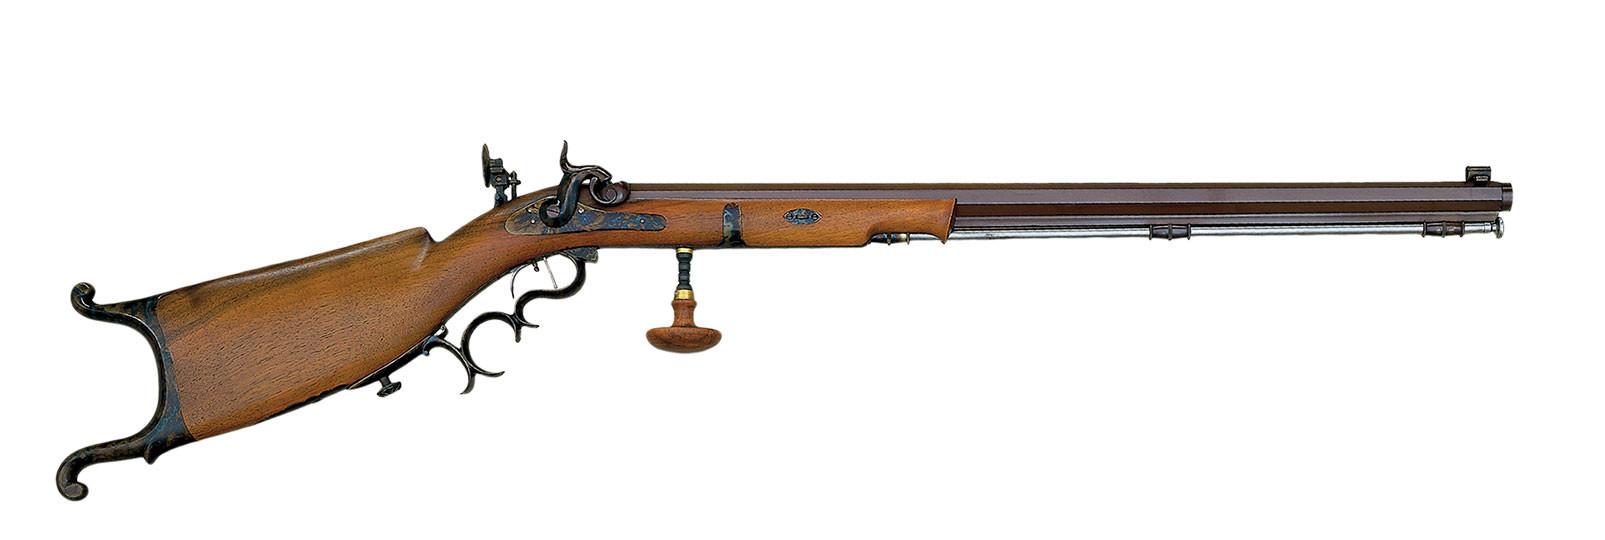 Waadtlander Rifle